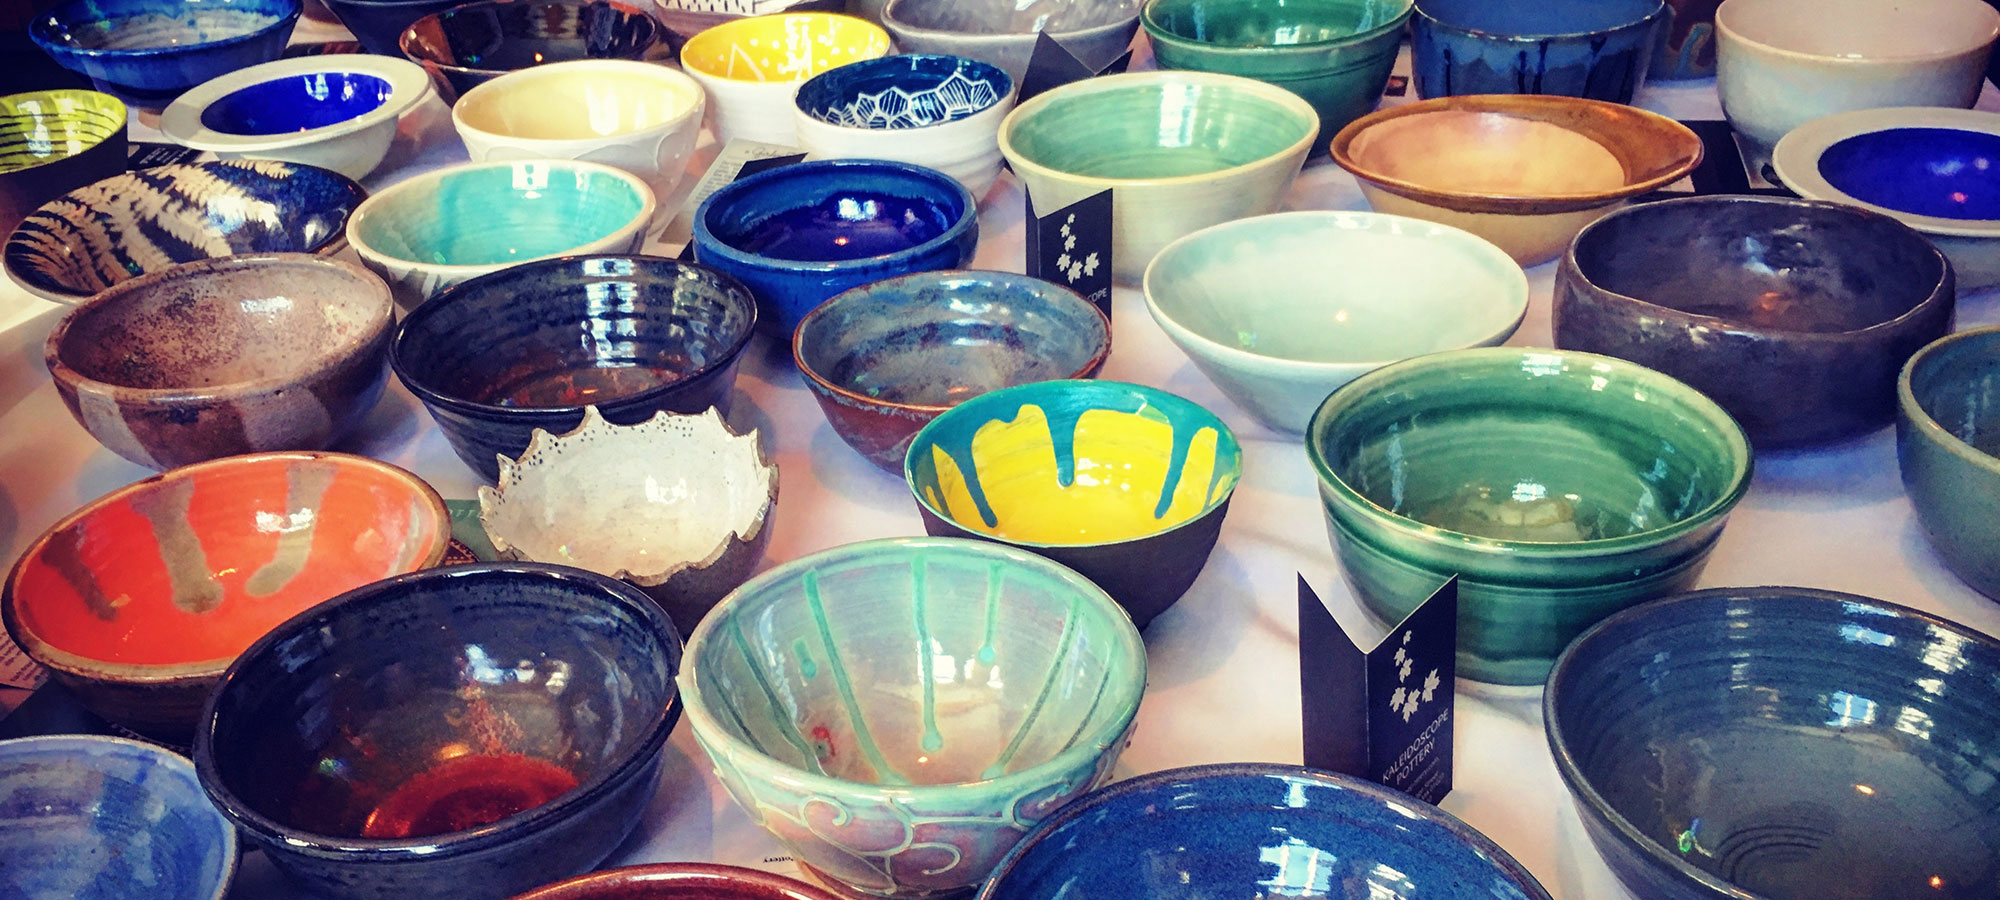 Handmade ceramic bowls.